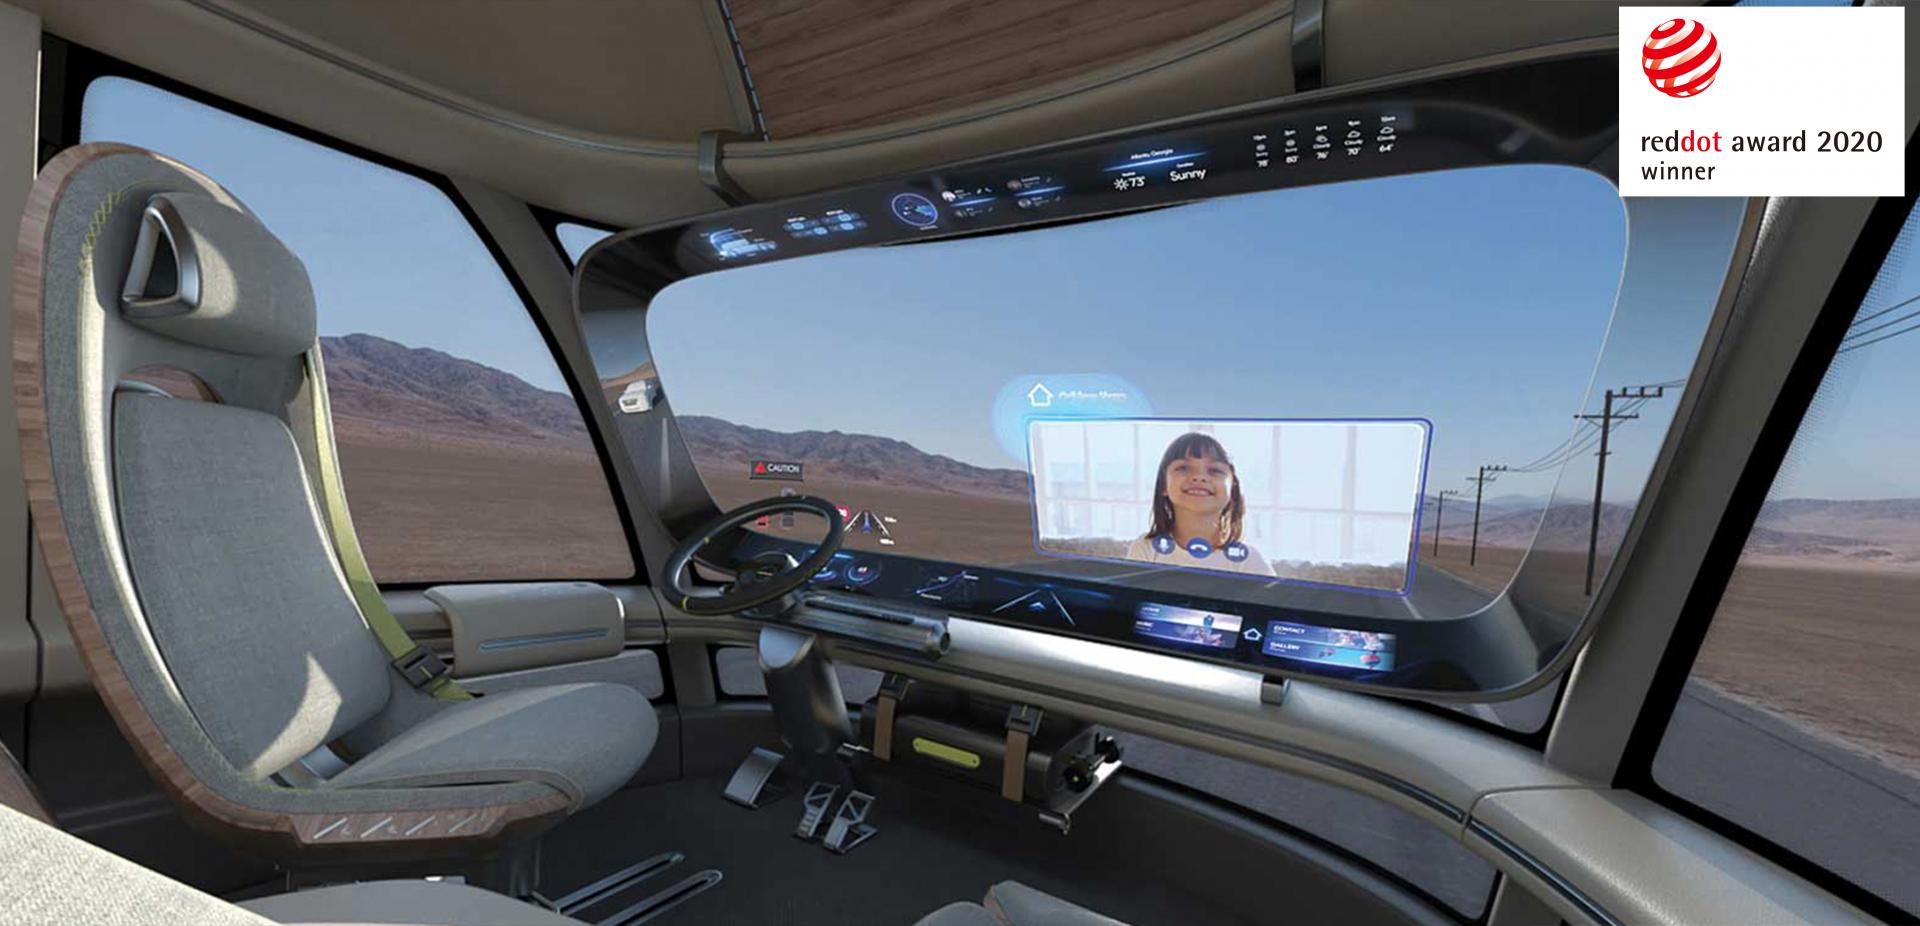 Компанія Hyundai Motor отримала три нагороди Red Dot Award 2020 за концептуальний дизайн | Богдан-Авто Запорожье - фото 12